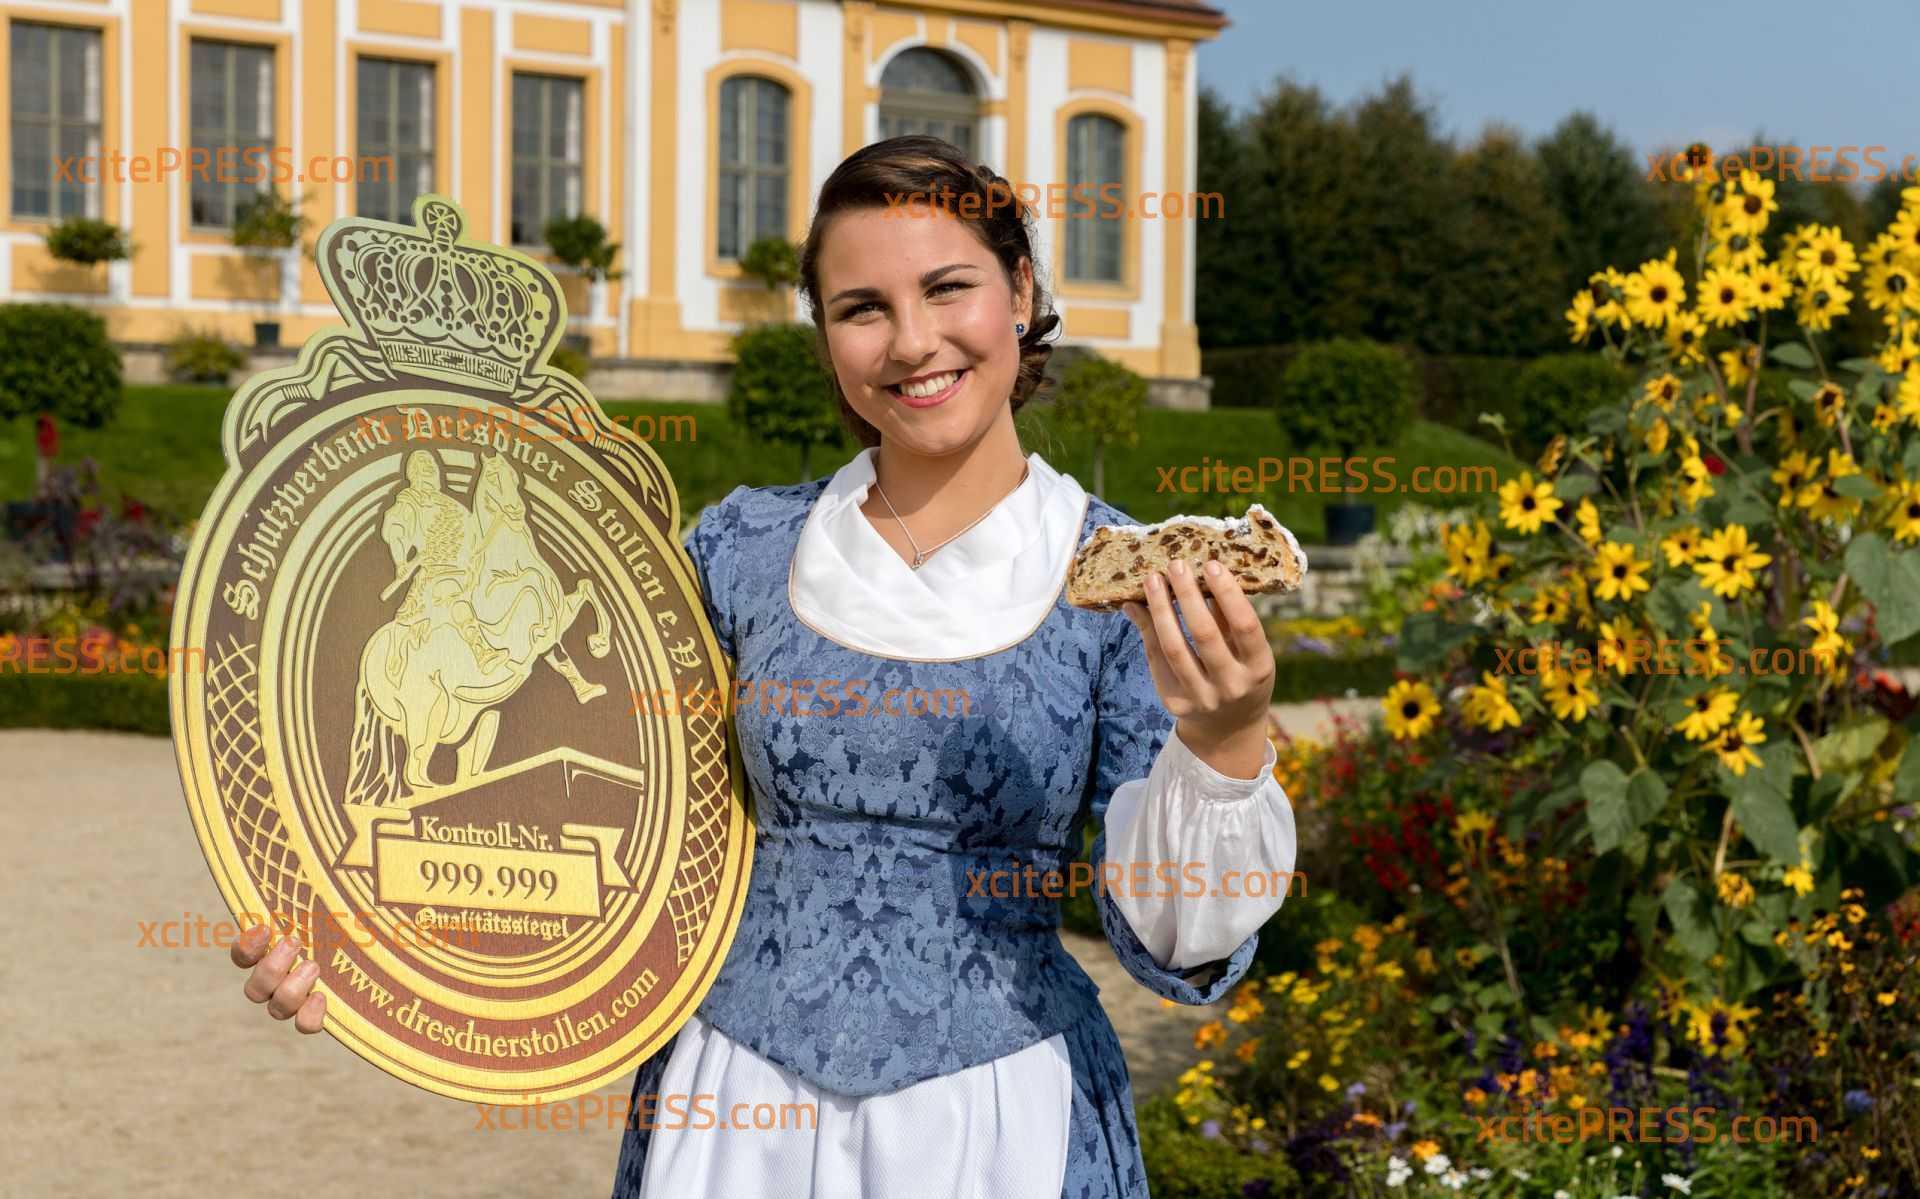 Neue Botschafterin für Dresdner Christstollen: Hanna Haubold (20) ist das 23. Dresdner Stollenmädchen